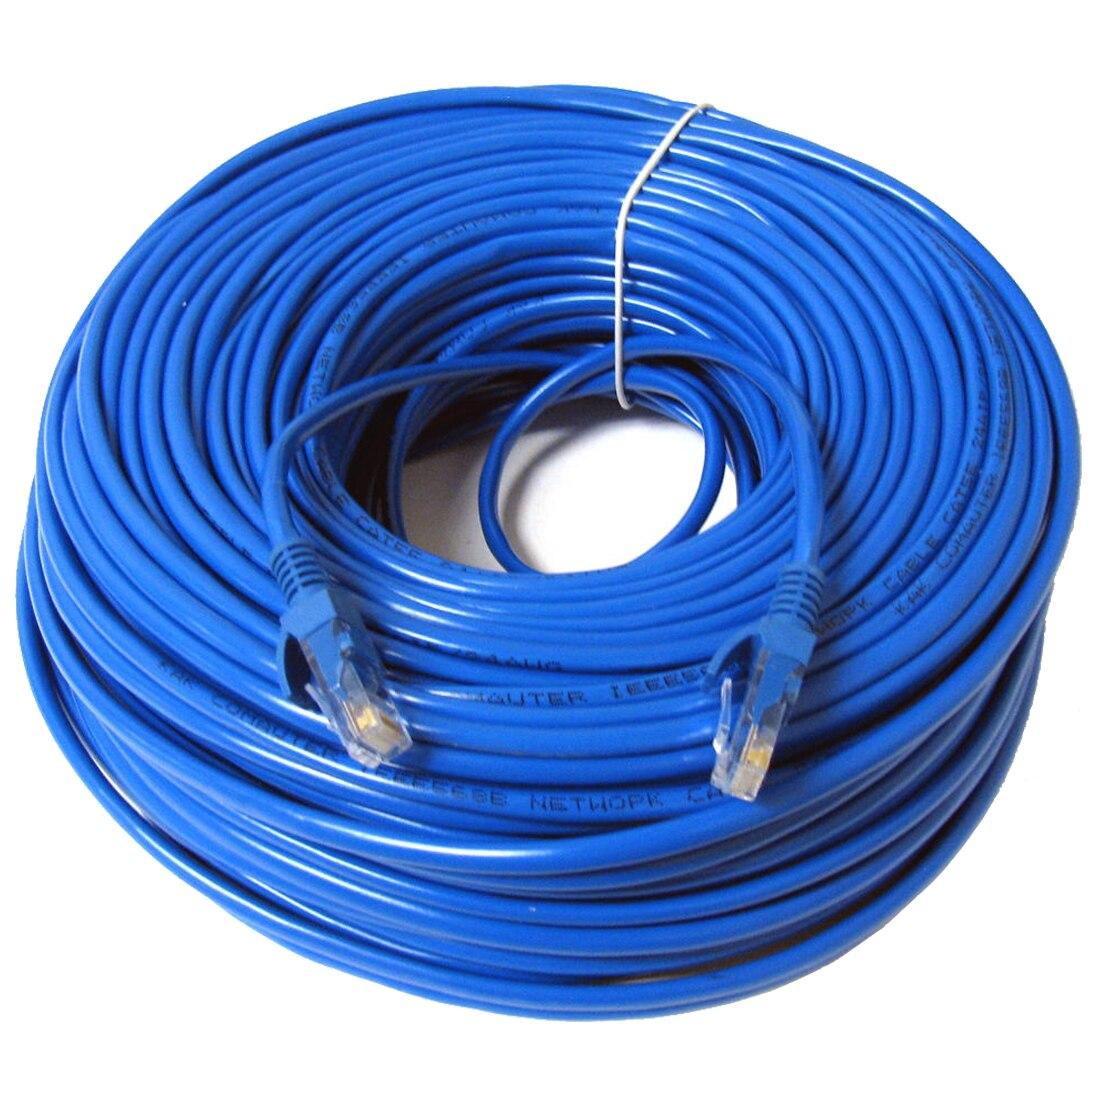 RJ45 Cat5 Ethernet Cabo de Rede LAN Patch Chumbo, 30 m Azul 1 pcs